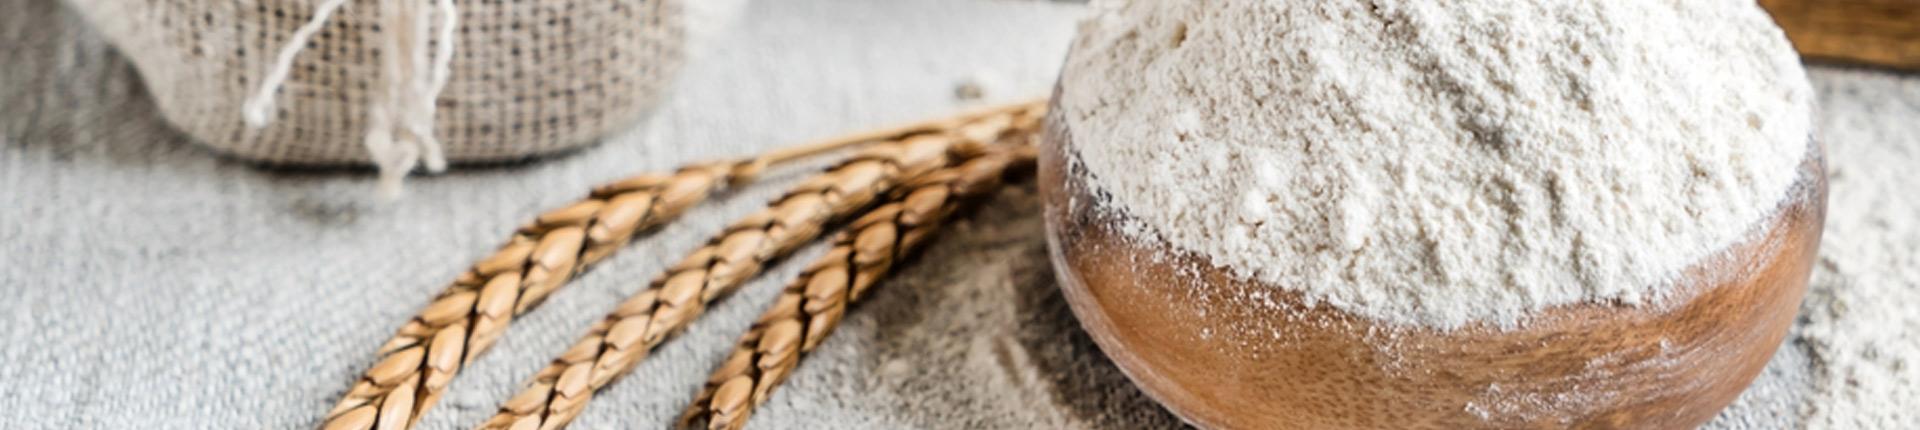 Czym zastąpić mąkę pszenną? Poznać 6 świetnych alternatyw